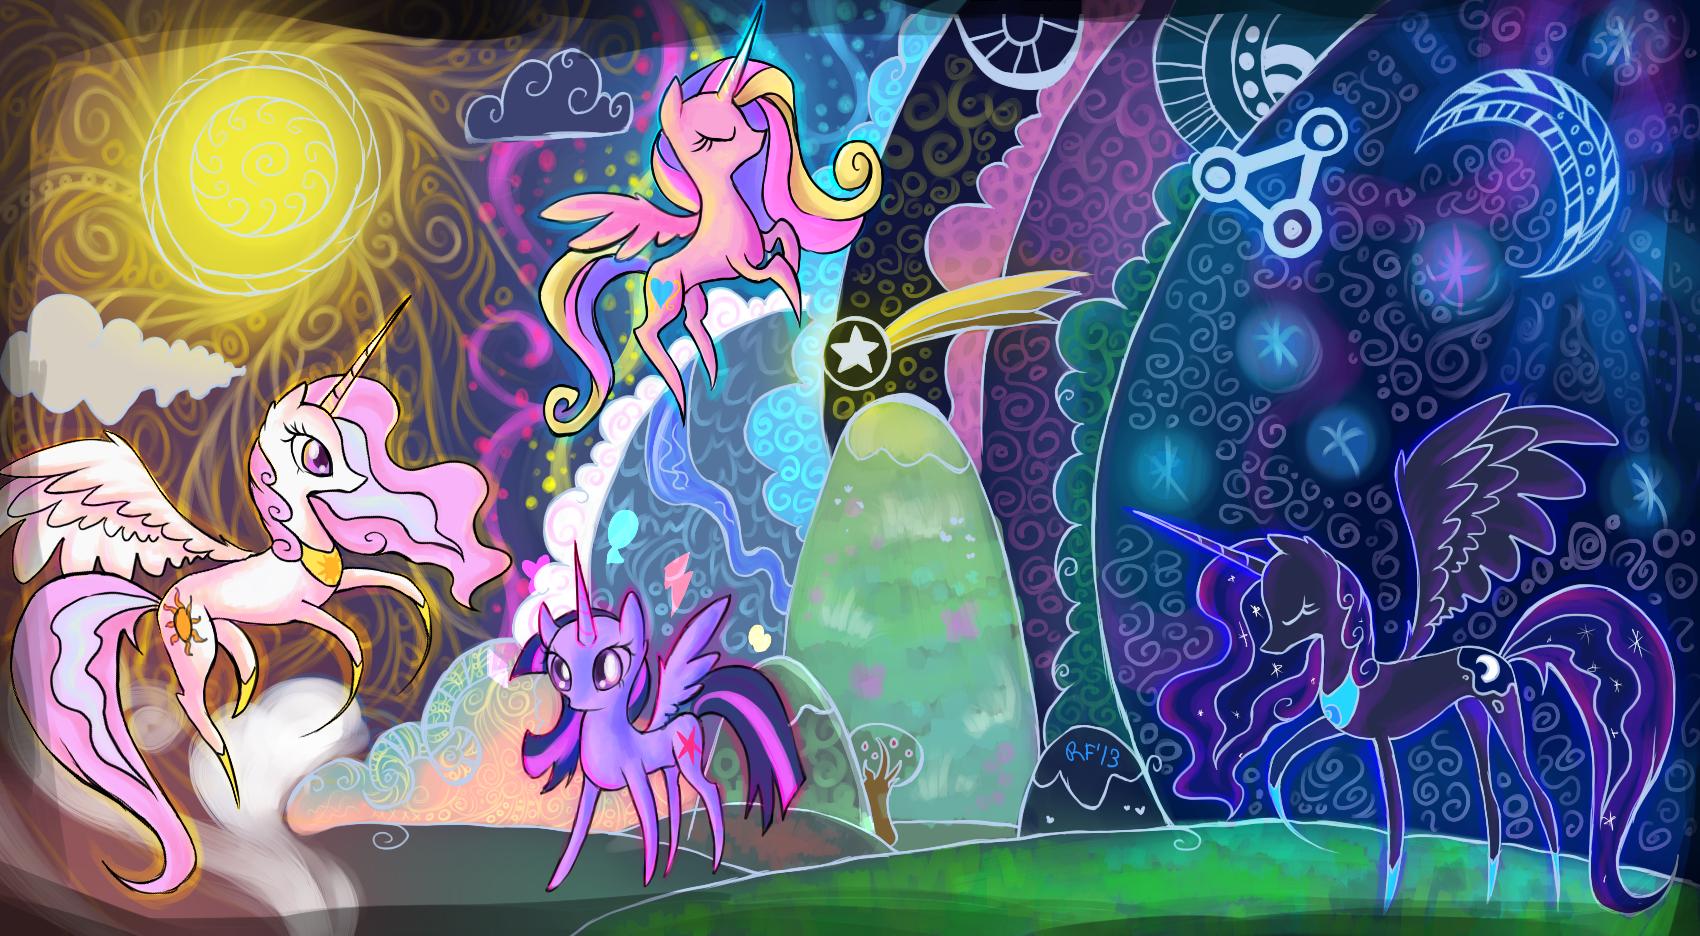 The Legendary Alicorns by Renaifoxi